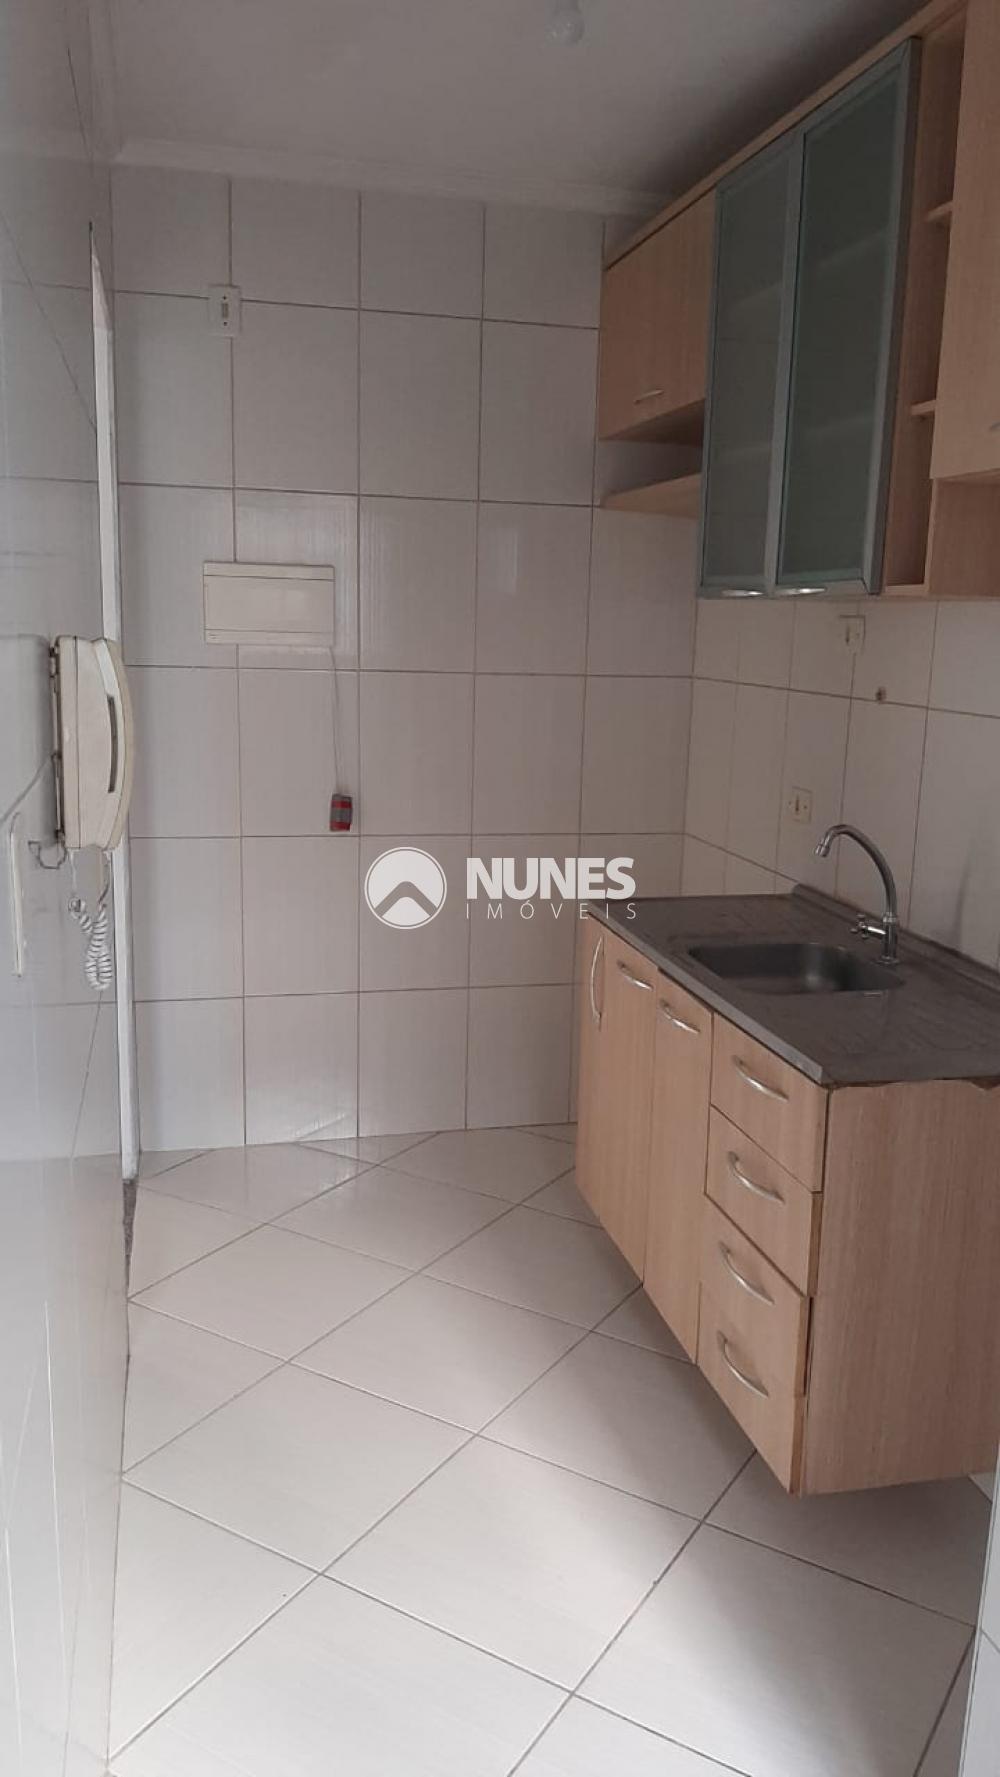 Comprar Apartamento / Padrão em Carapicuíba R$ 190.000,00 - Foto 5